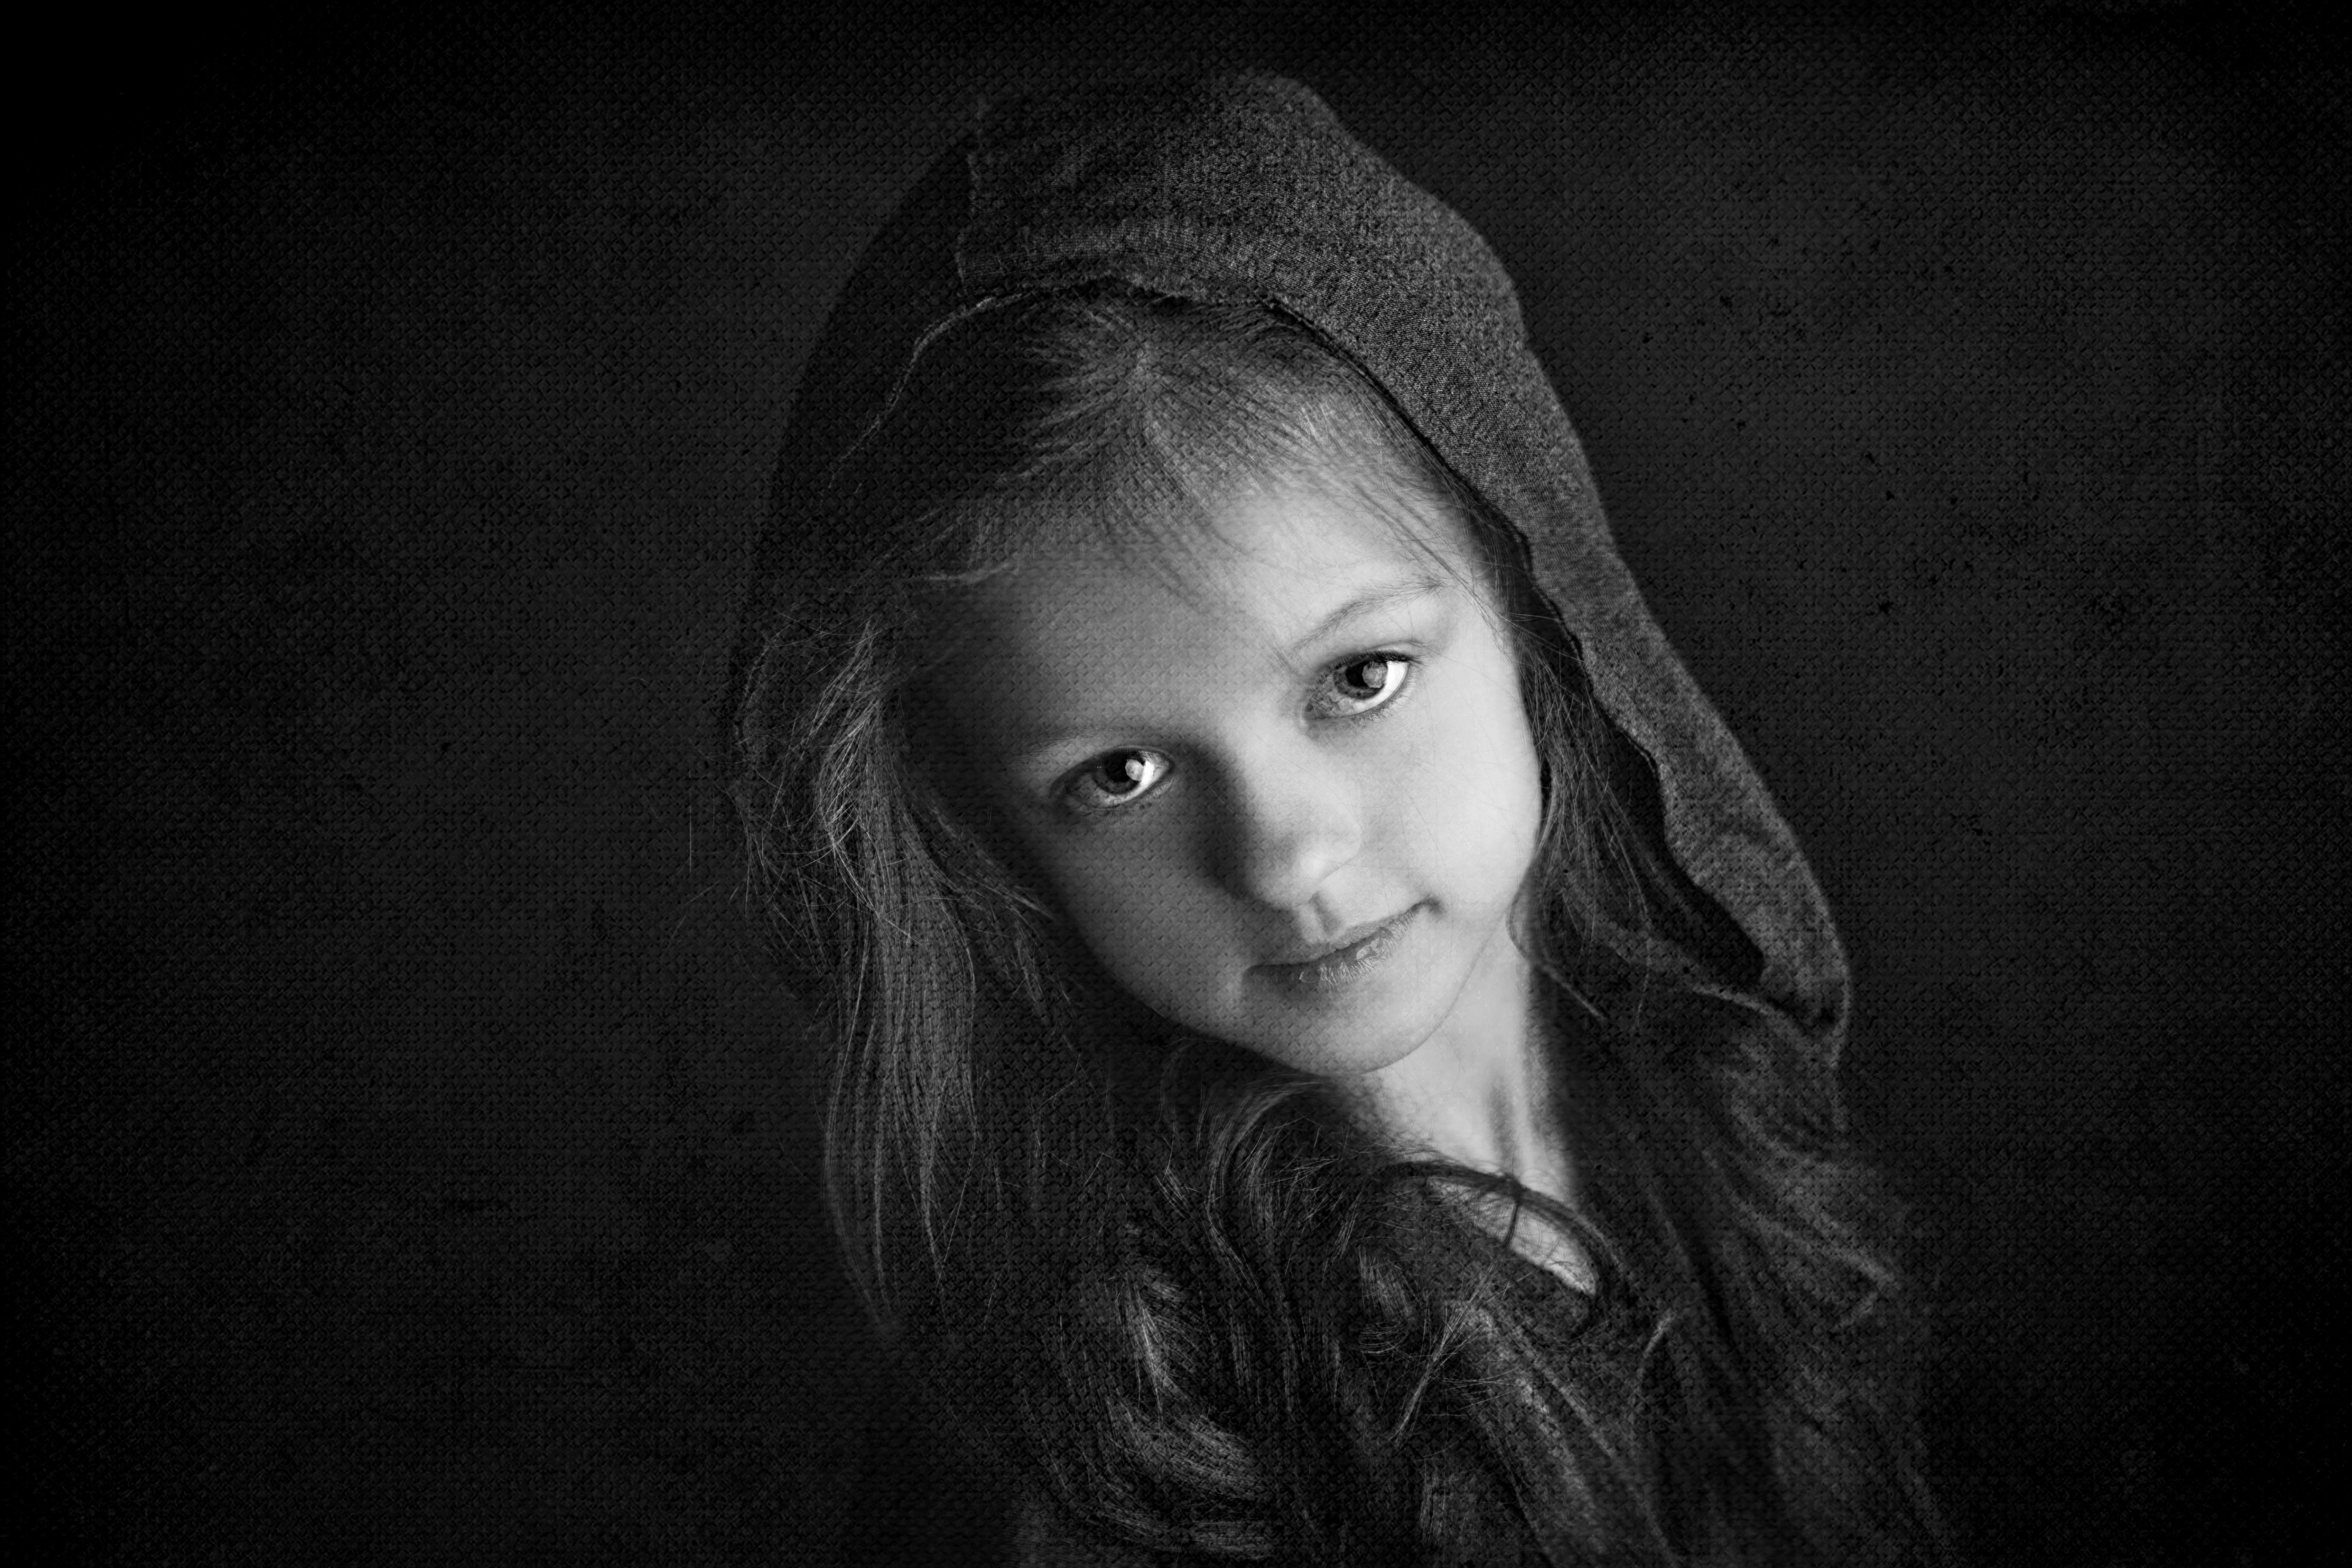 sesja dziecięca  Starogard gdański Gdynia Gdańsk, fotografia dziecięca Starogard gdański Gdynia Gdańsk